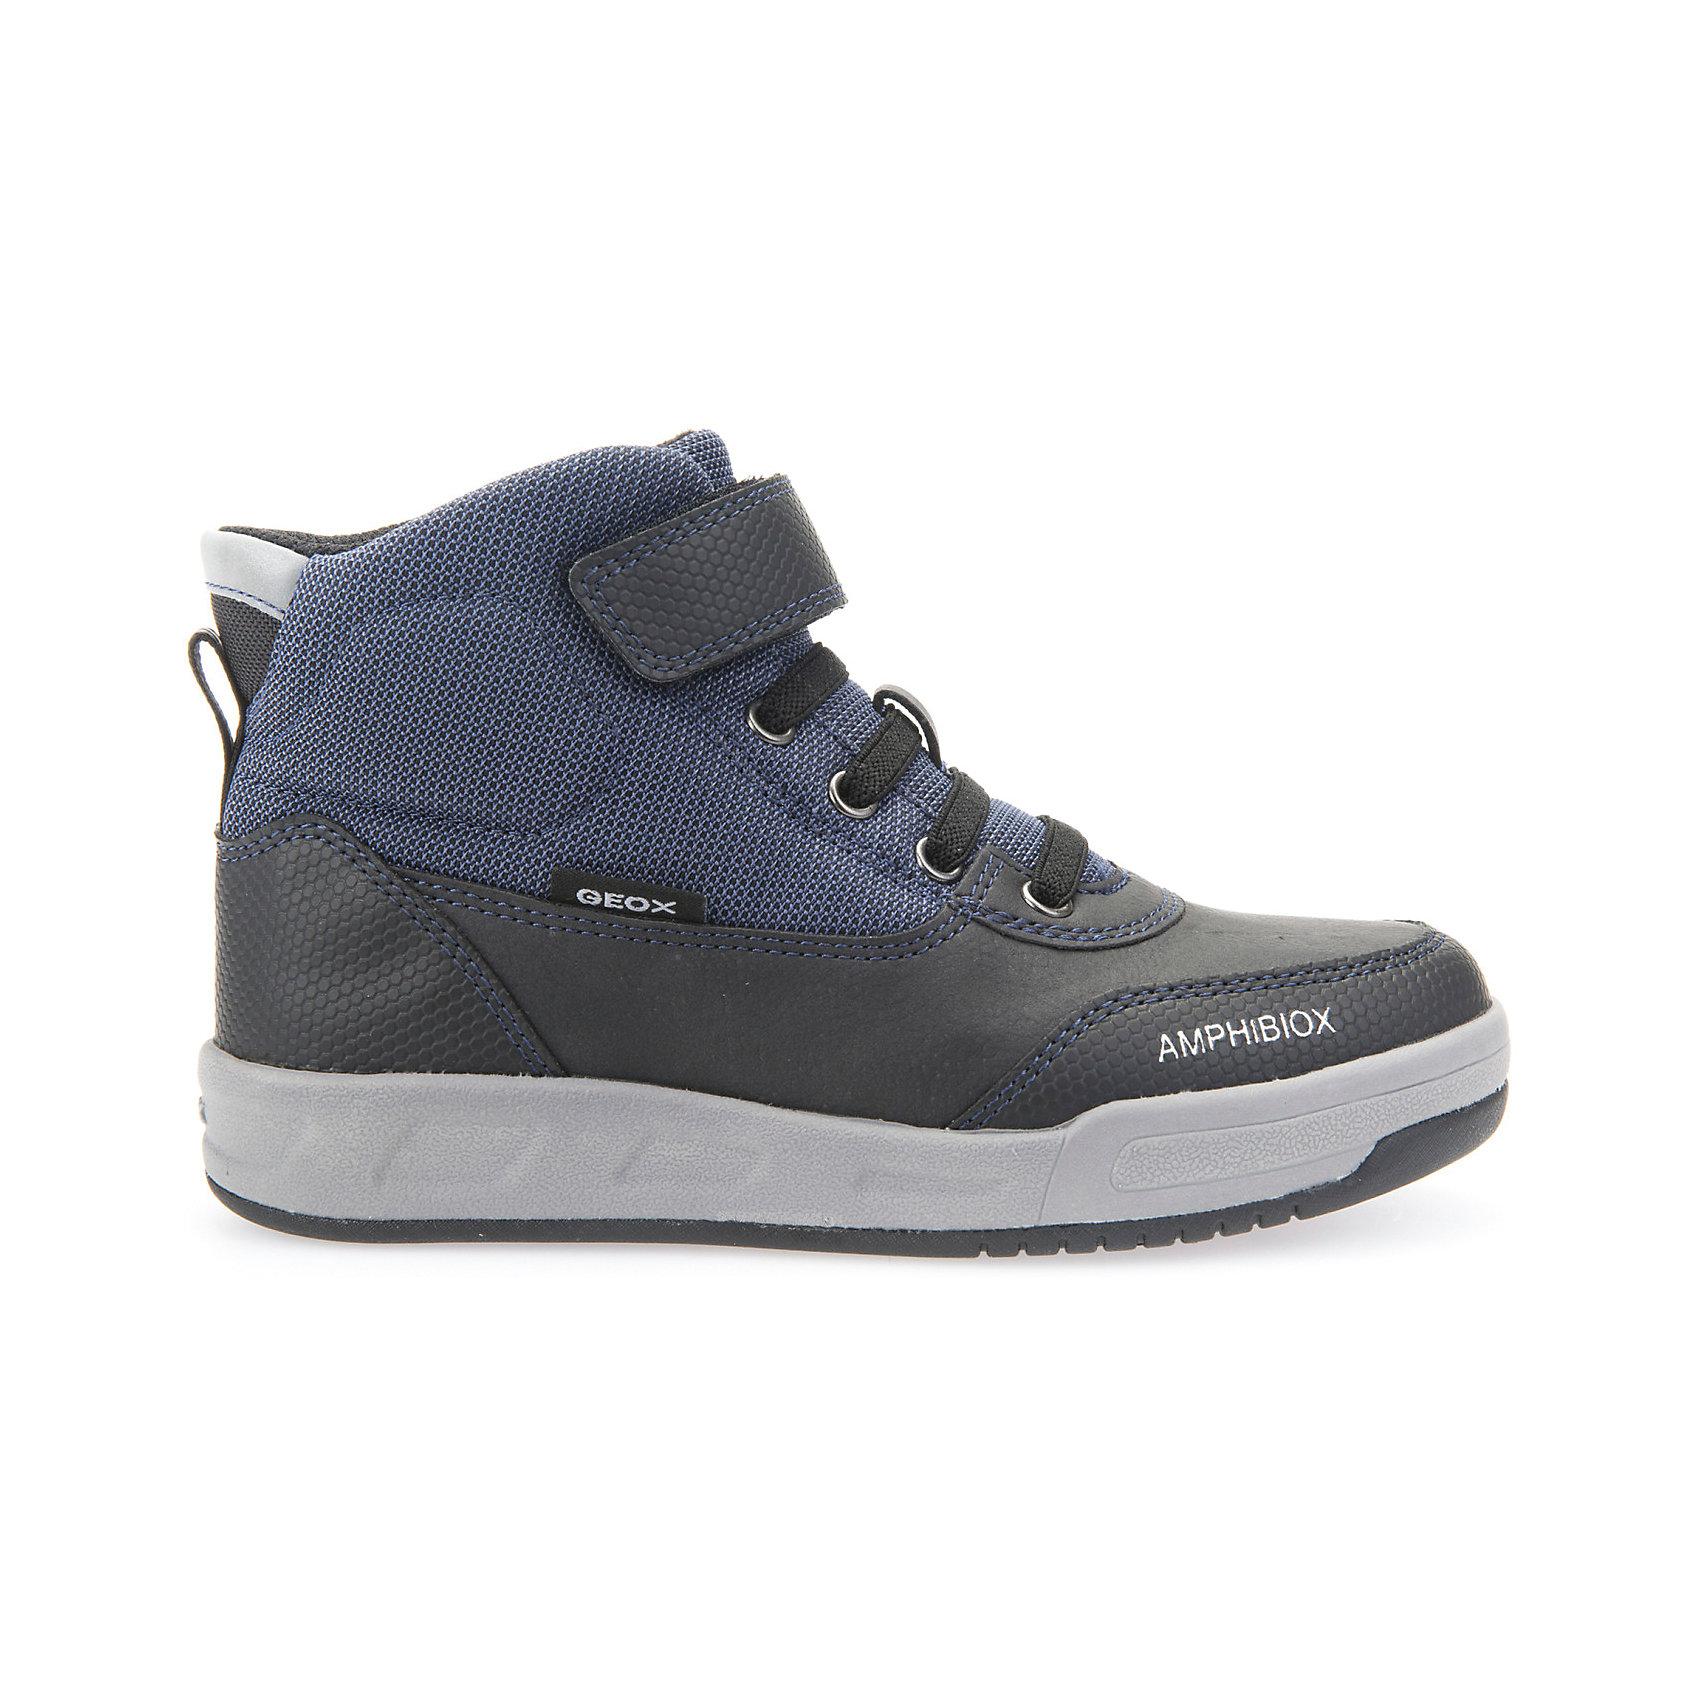 Ботинки для мальчика GEOXСтильные ботинки для мальчика от знаменитого итальянского бренда взрослой и детской одежды и обуви GEOX (Геокс). Ботинки представлены в классическом темно-синем цвете, который отлично сочетается с черными деталями отделки и серой подошвой. Идеальные ботинки на каждый день имеют все необходимое для удобства и комфорта ребенка. Разработанная технология подошвы ботинок не позволяет им скользить, отлично амортизирует шаги и позволяет стопе дышать. Мягкая подошва отлично гнется, обеспечивая безопасность шагов, поддерживая стопу и оставляя свободу движения. Эргономичная войлочная стелька и высокий задник хорошо фиксируют голеностоп и удобны в носке. Внутренний материал и практичная застежка на липучках позволяют легко надевать и снимать кроссовки, не заботясь о шнурках. Полуботинки оставляют ноги ребенка сухими, позволяя им дышать. Рекомендованы на сезон осень-весна.<br>Дополнительная информация:<br>- Состав:<br>верх: синтетика <br>подкладка:  текстиль <br>стелька:  войлок<br>подошва: резина<br>Ботинки для мальчика GEOX (Геокс) можно купить в нашем магазине.<br>Подробнее:<br>• Для детей в возрасте: от 5 до 12 лет<br>• Номер товара: 5007913<br>Страна производитель: Вьетам<br><br>Ширина мм: 257<br>Глубина мм: 180<br>Высота мм: 130<br>Вес г: 420<br>Цвет: черный<br>Возраст от месяцев: 36<br>Возраст до месяцев: 48<br>Пол: Мужской<br>Возраст: Детский<br>Размер: 27,38,28,29,30,31,32,33,34,35,36,37<br>SKU: 5007913